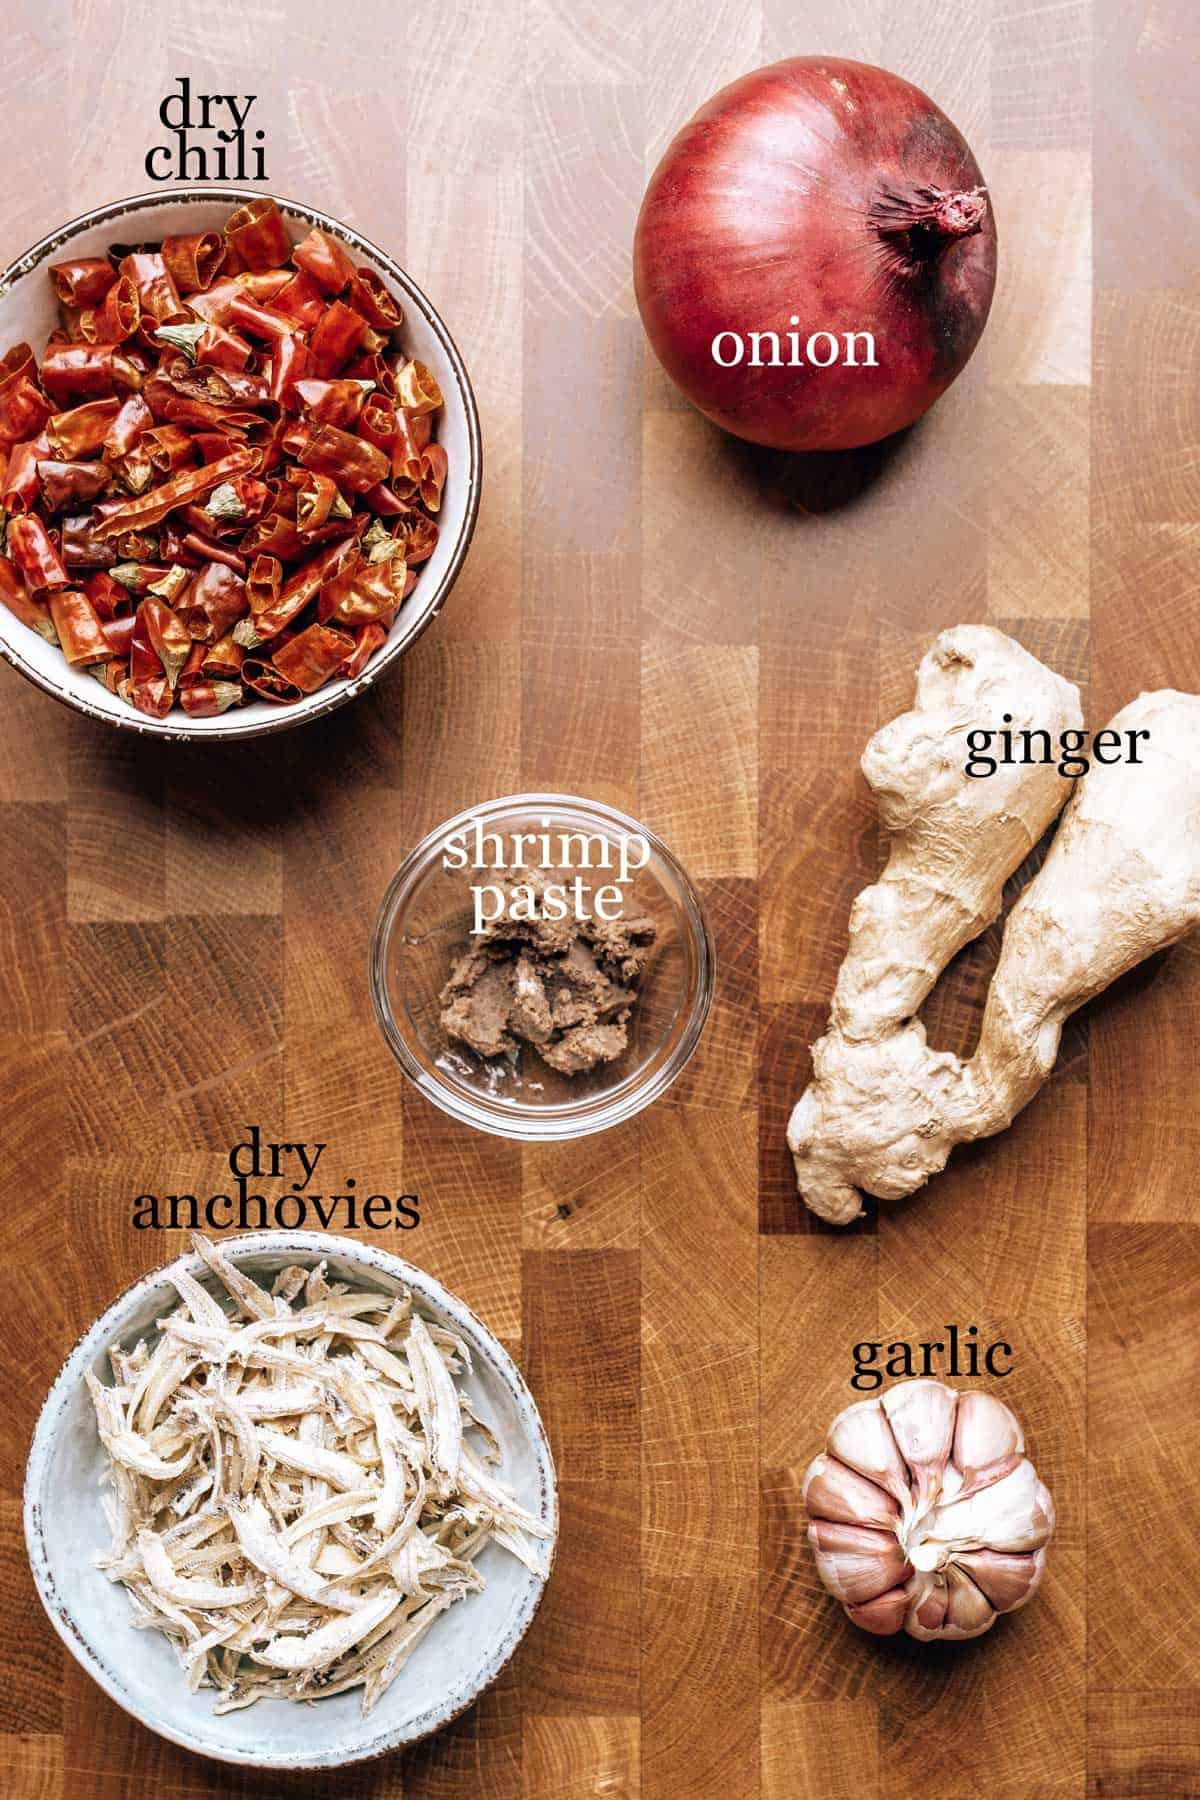 Ingredients to make sambal